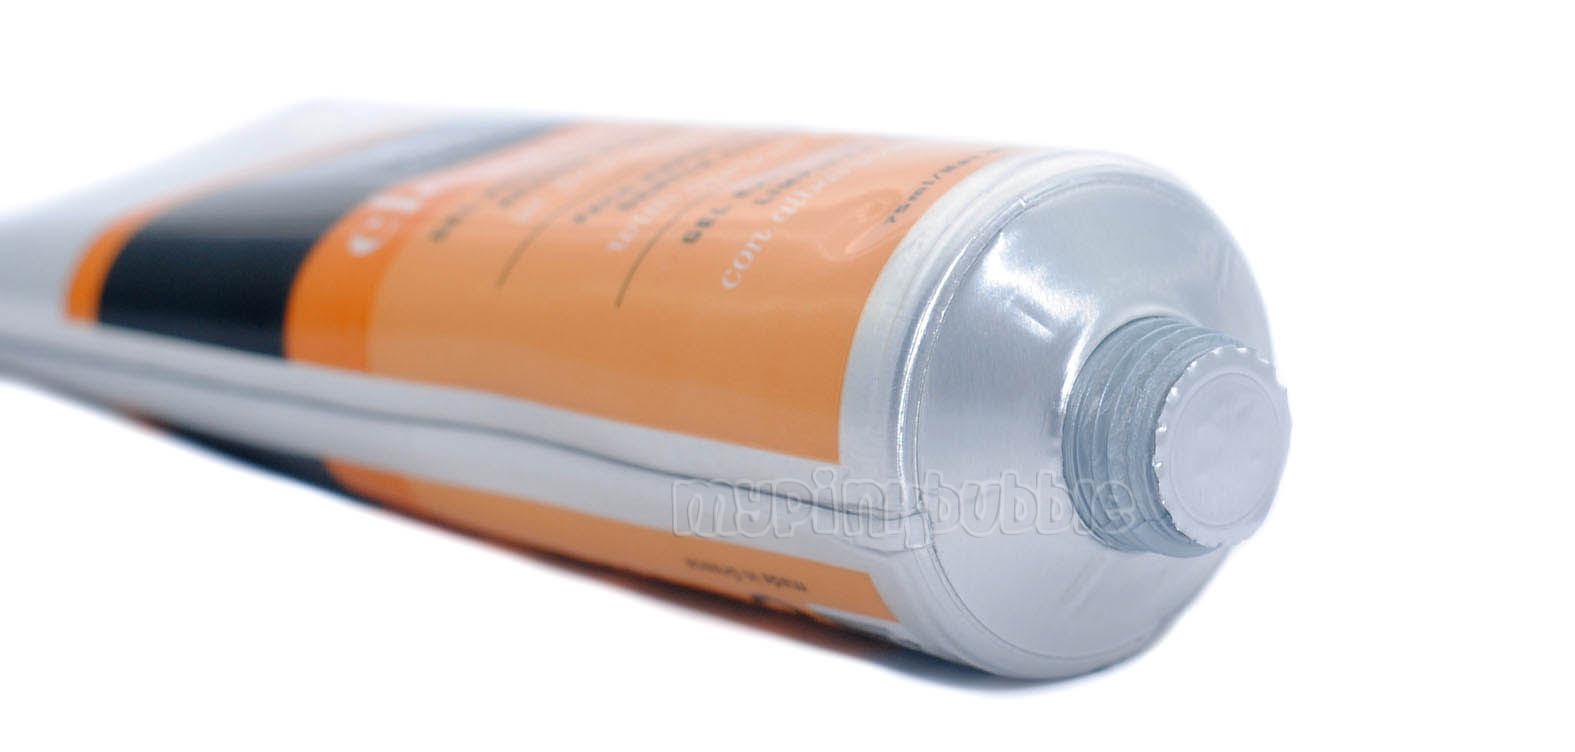 Apivita exfoliante facial albaricoque miel protector